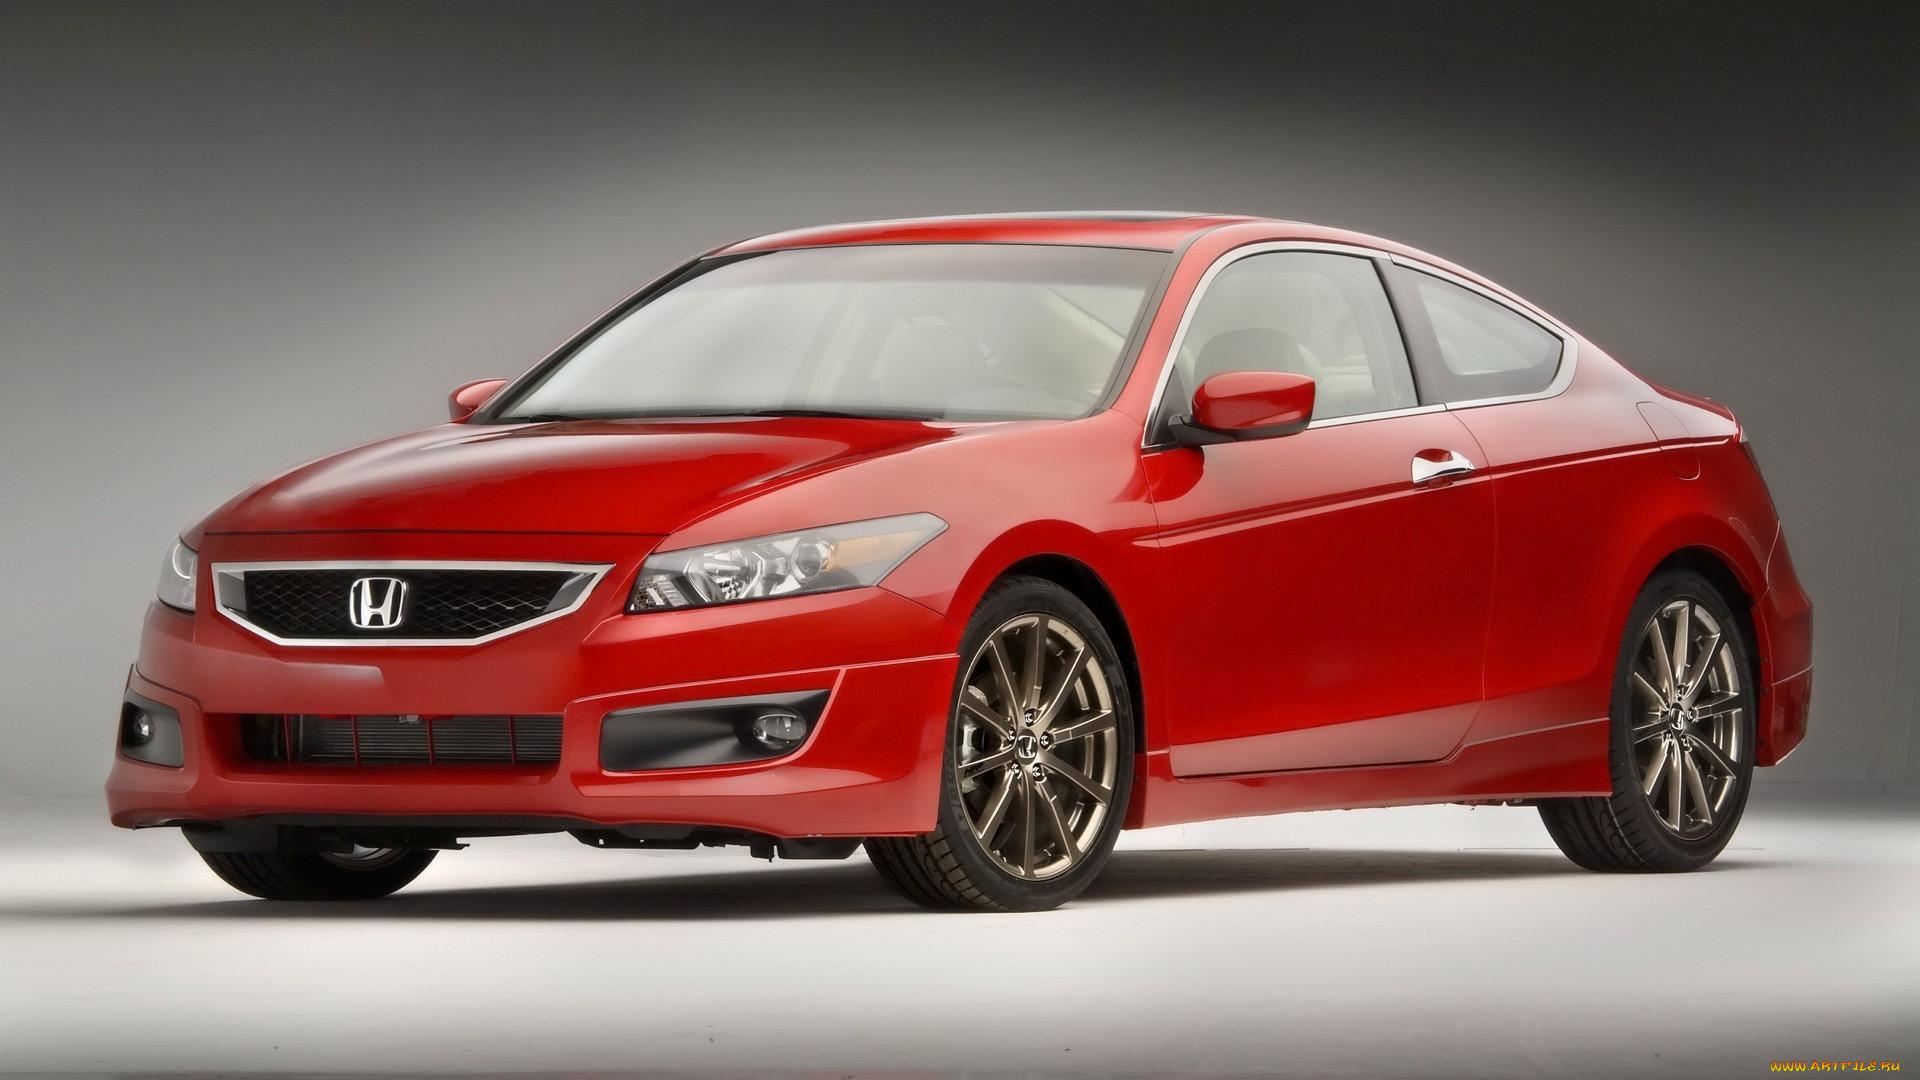 хонда автомобили картинки лера публиковала совместные